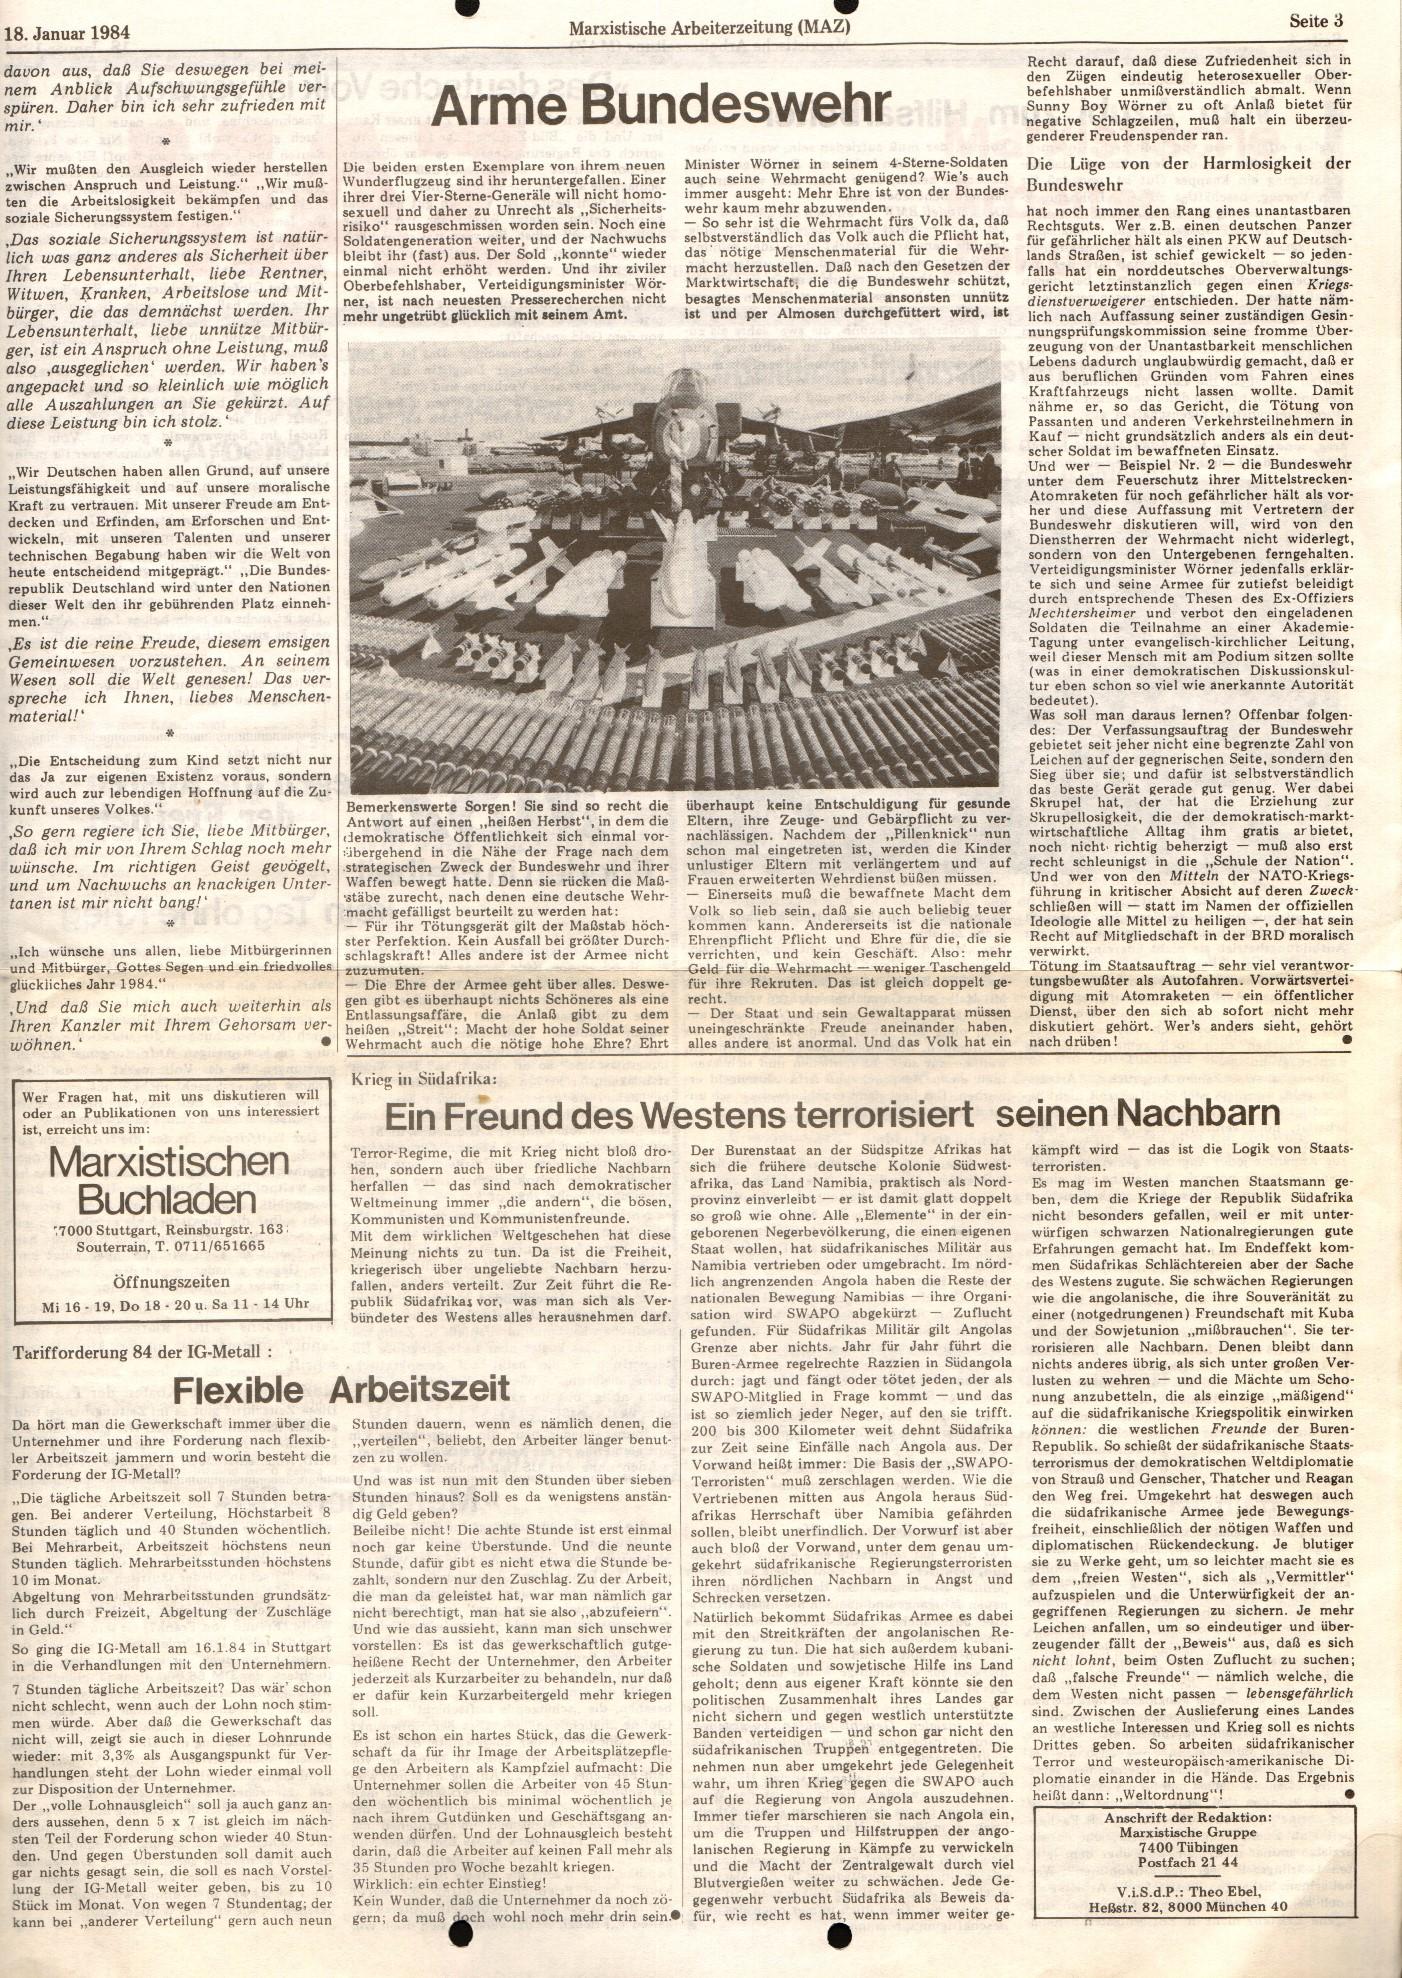 BW_MG_Marxistische_Arbeiterzeitung_19840118_03